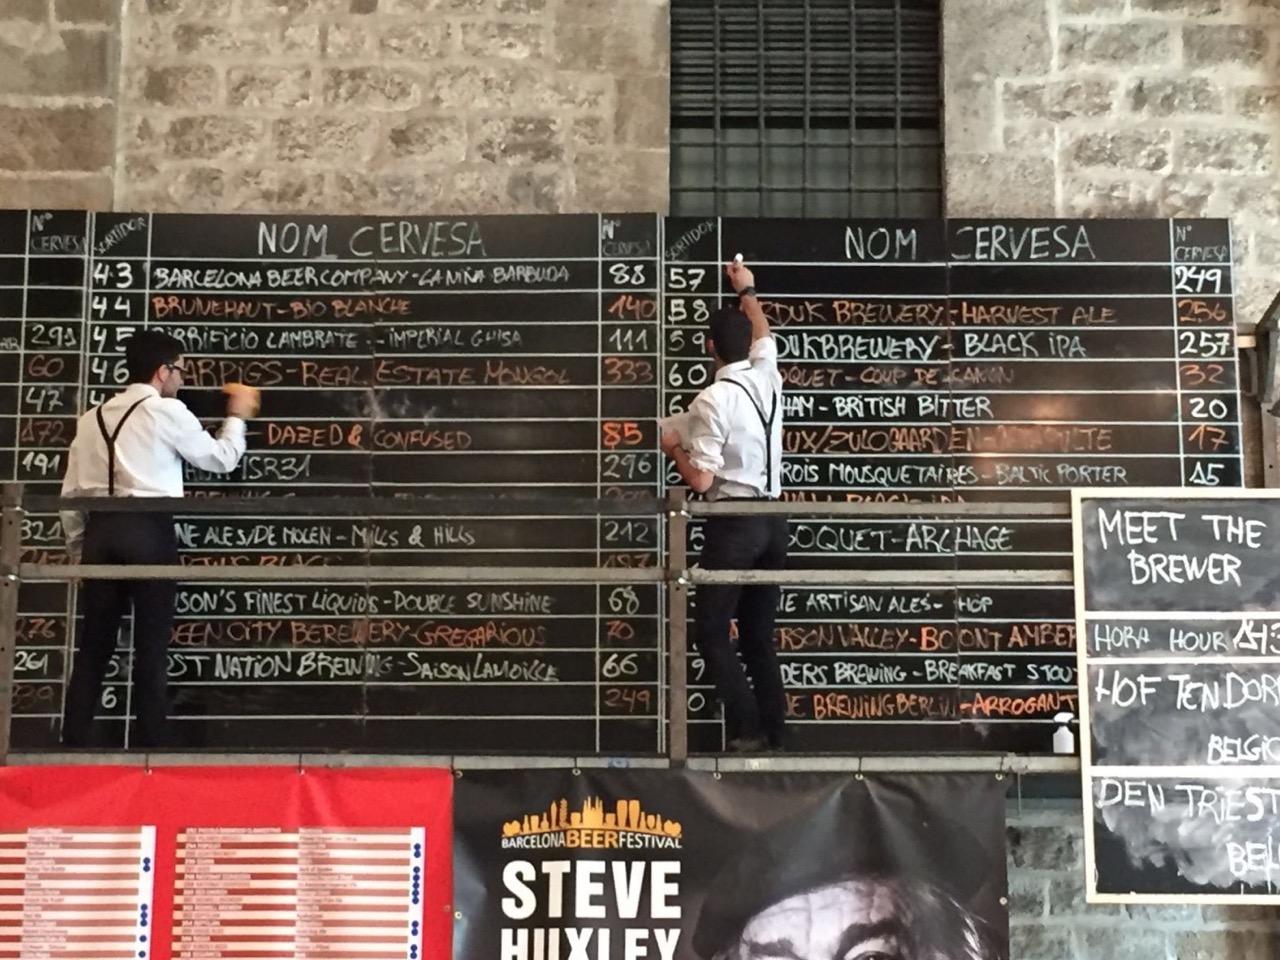 Barcelona Beer Festival BBF Chalk Board